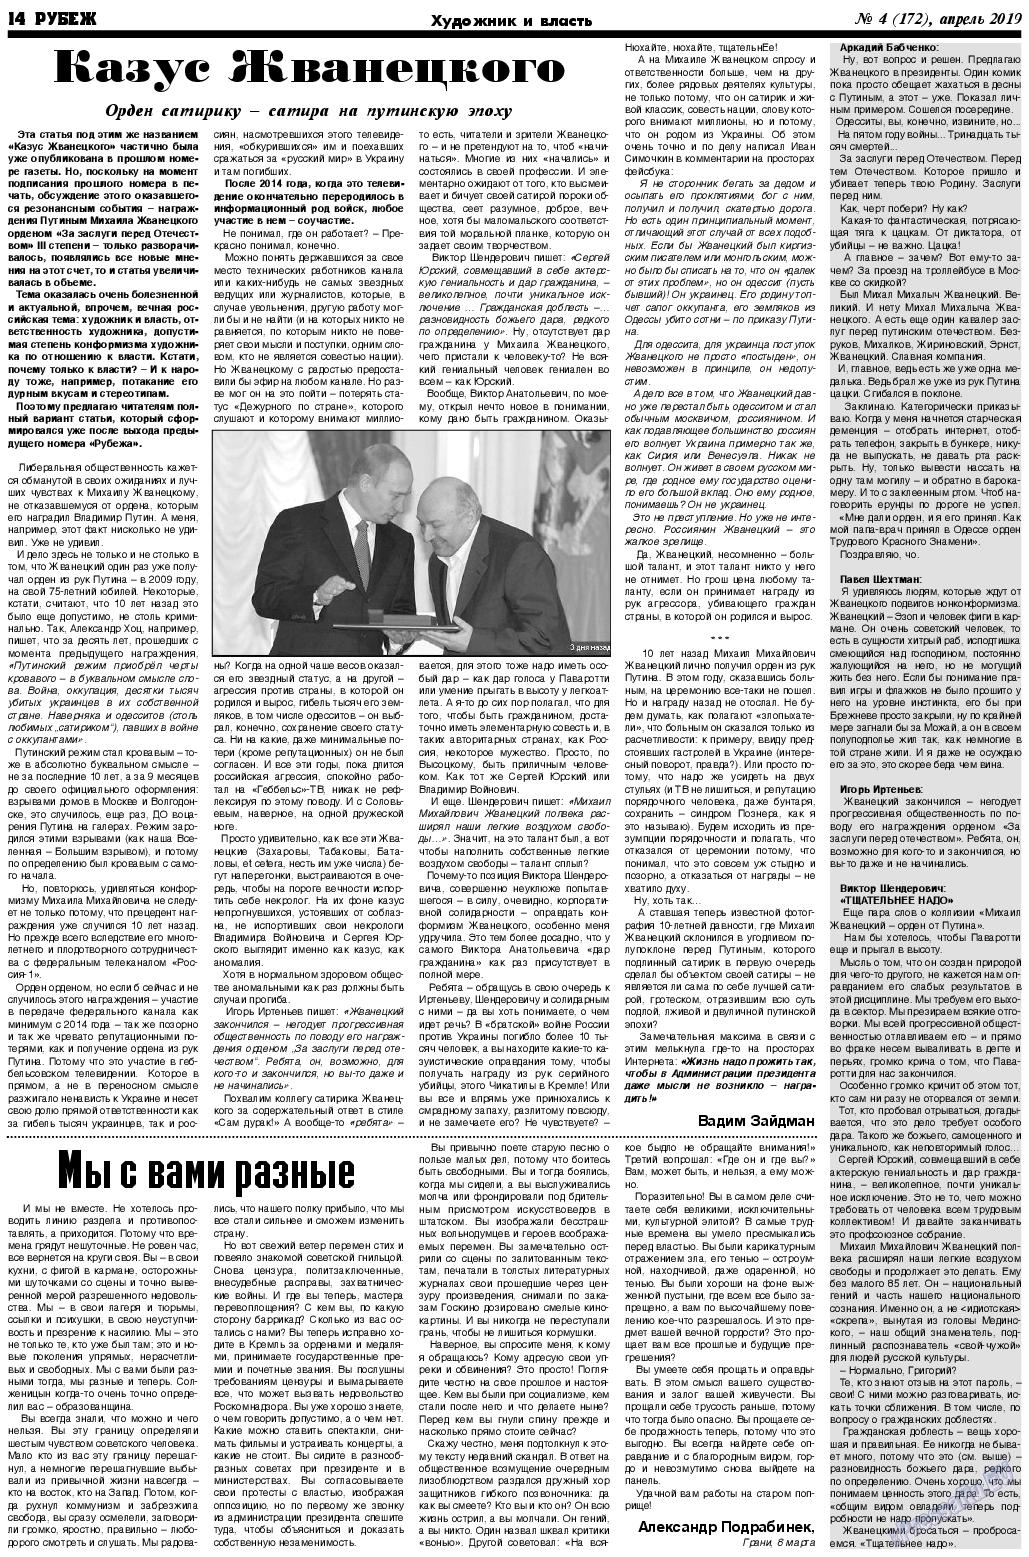 Рубеж (газета). 2019 год, номер 4, стр. 14